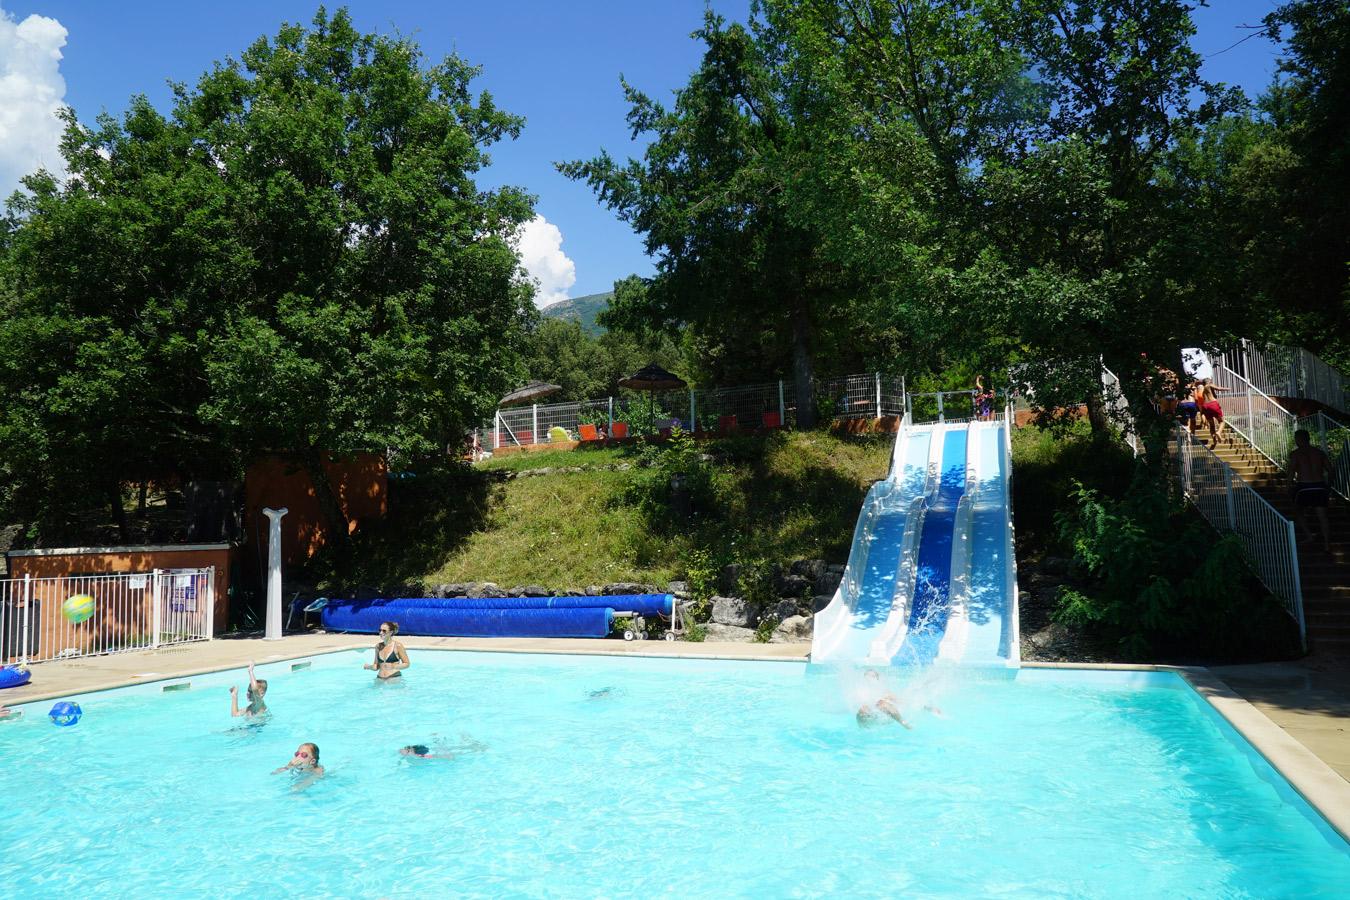 Campingplatz Schwimmbad mit Wasserrutsche